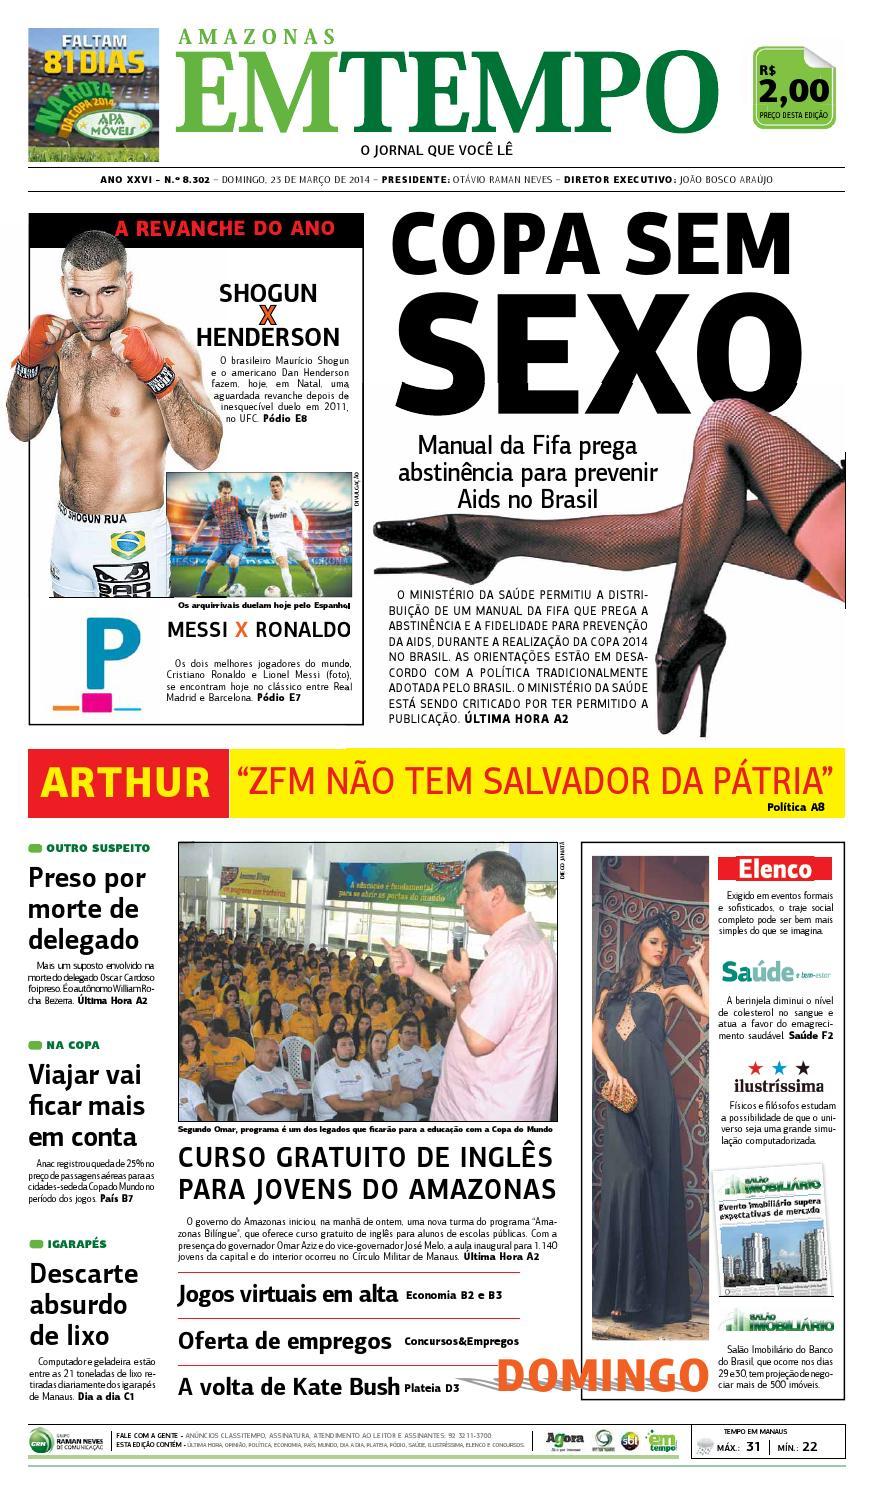 EM TEMPO - 23 de março de 2014 by Amazonas Em Tempo - issuu